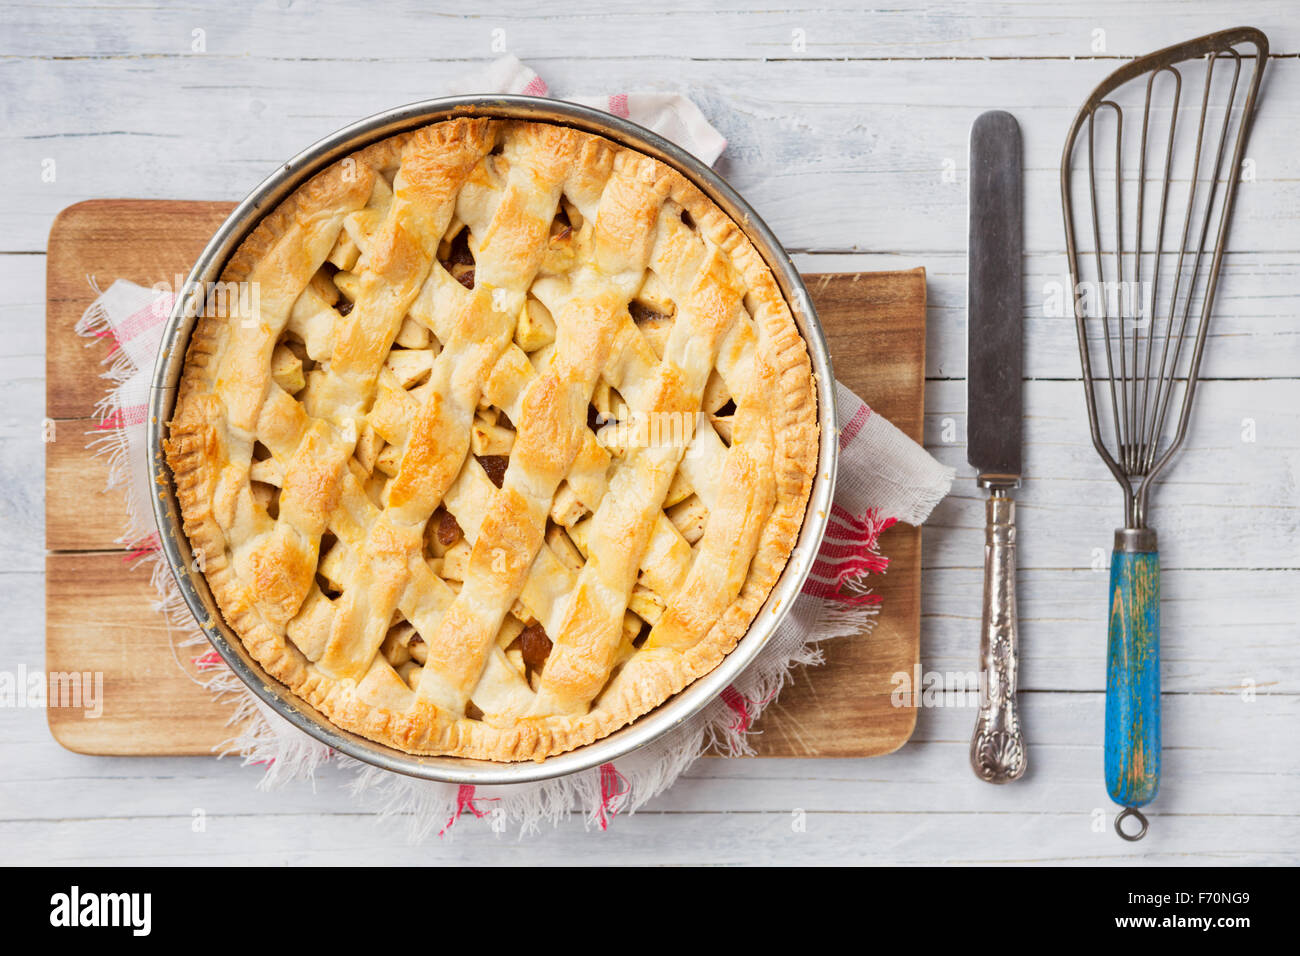 Tarte aux pommes hollandaise fait maison sur une table rustique. Photographié à partir de juste au-dessus. Photo Stock